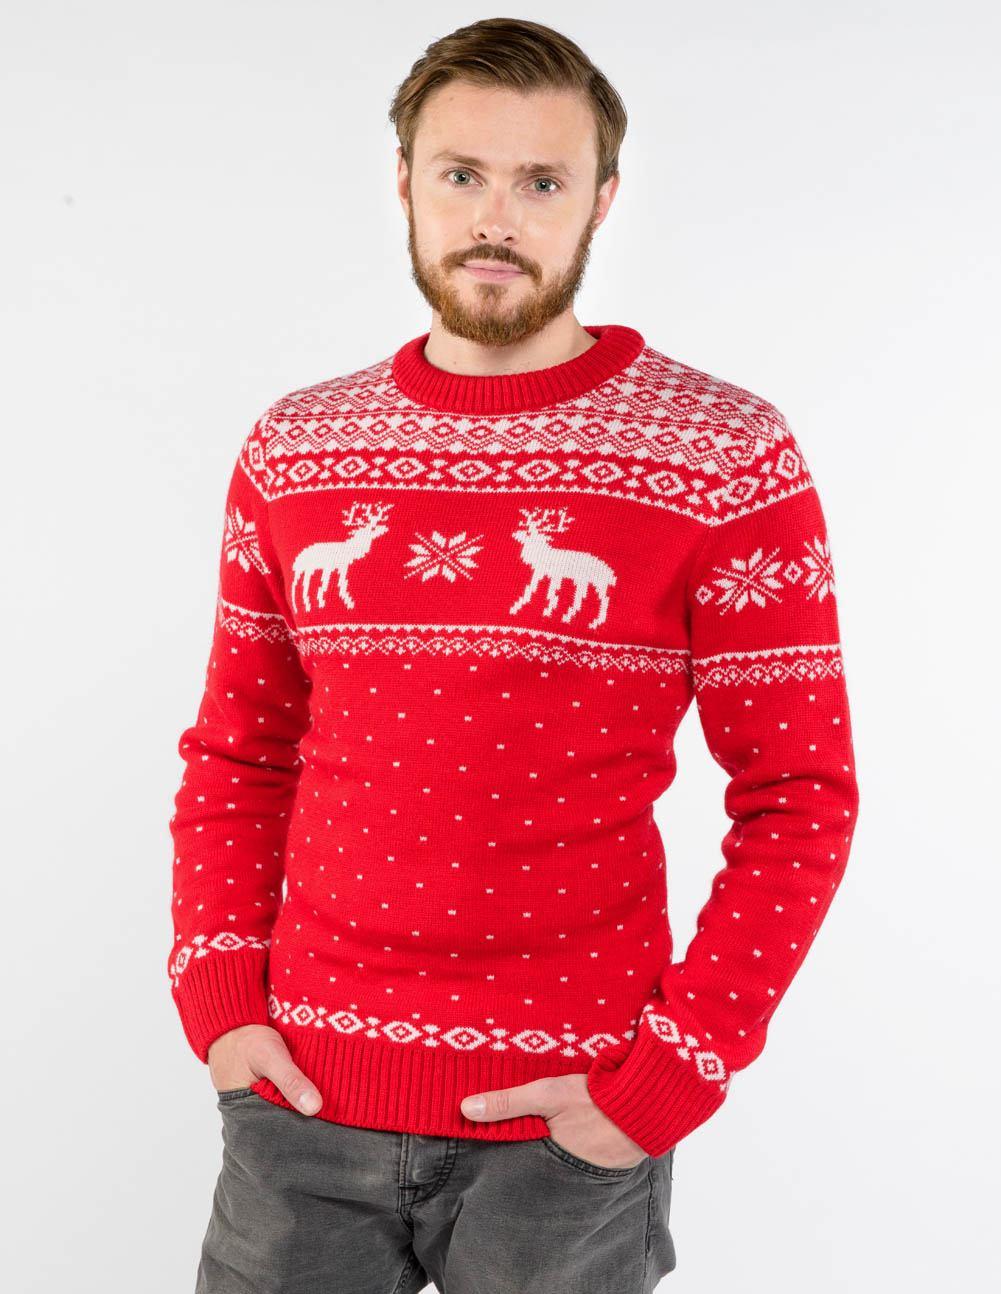 f08e07756f7 Купить мужские свитера с оленями по низким ценам в интернет-магазине ...